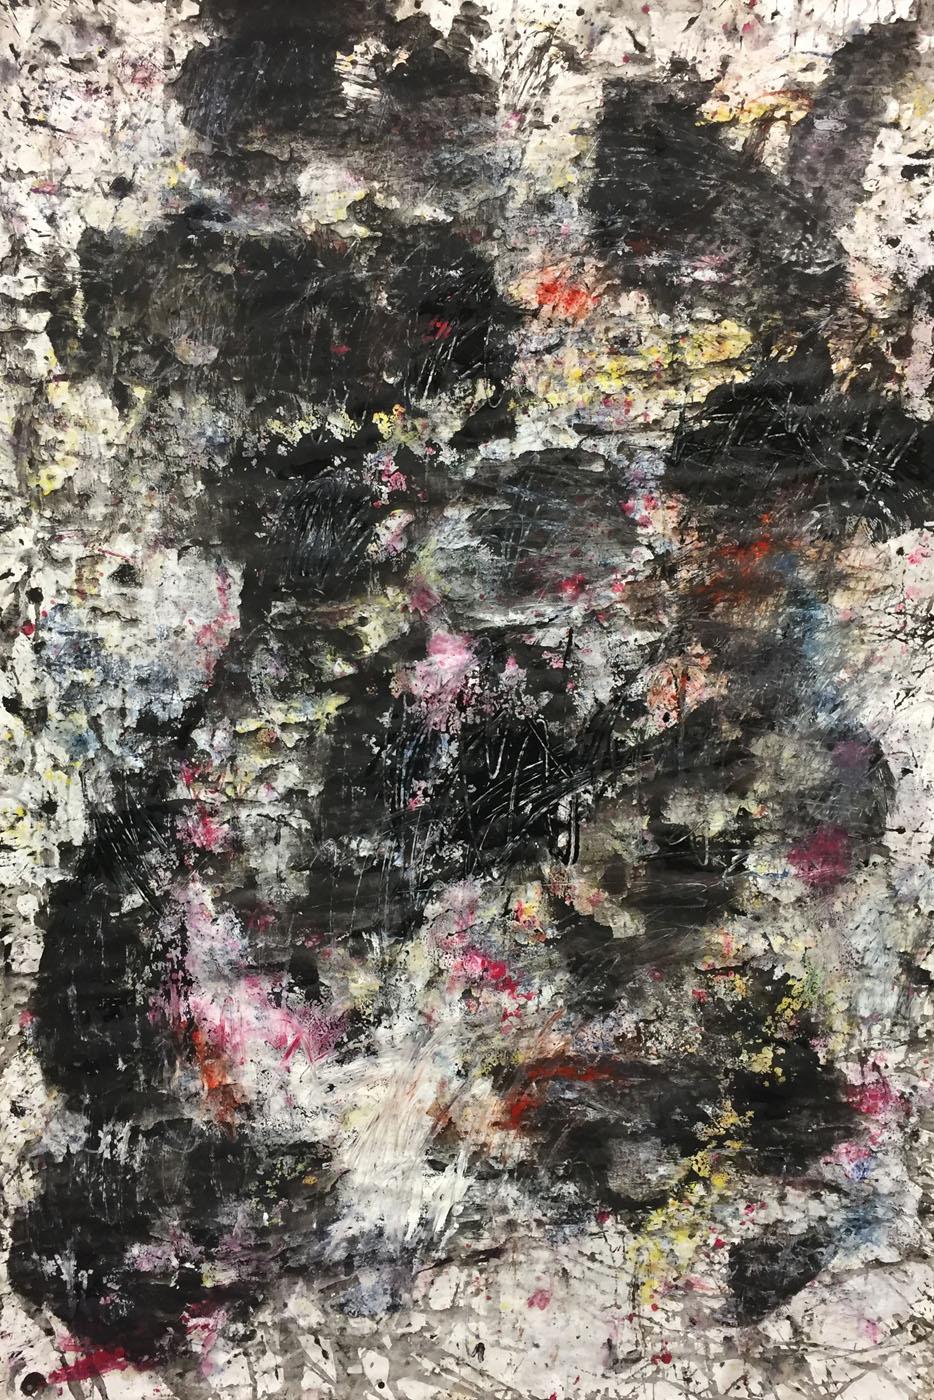 MARC FELD 2019 DÉFLAGRATION DES SOURCES 3 Huile, pigment et gouache sur papier 89 X 130 cm